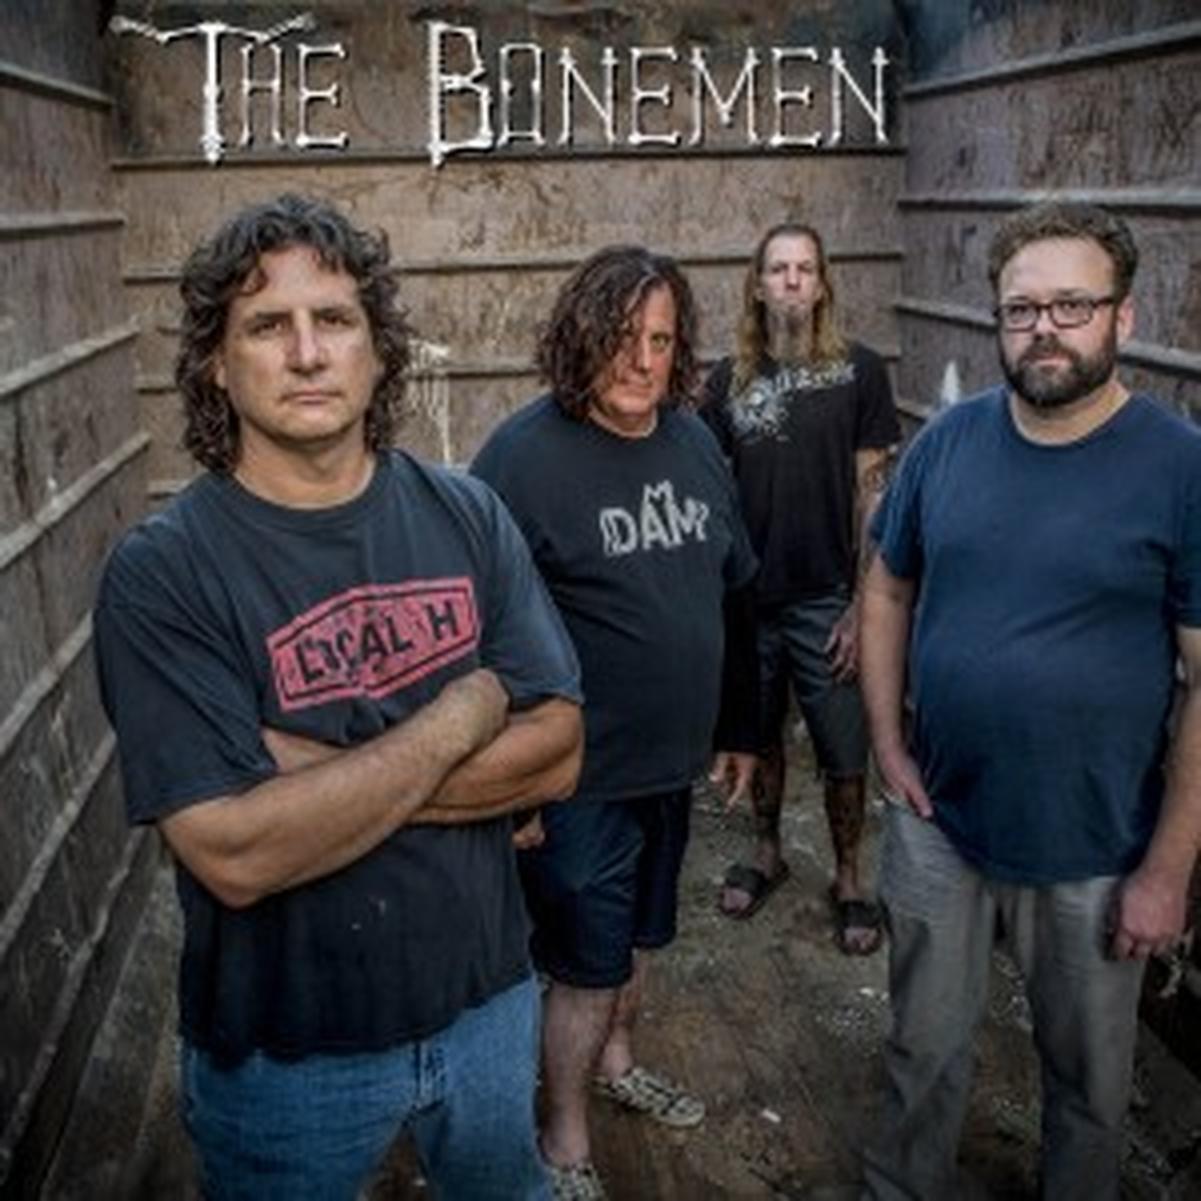 The Bonemen